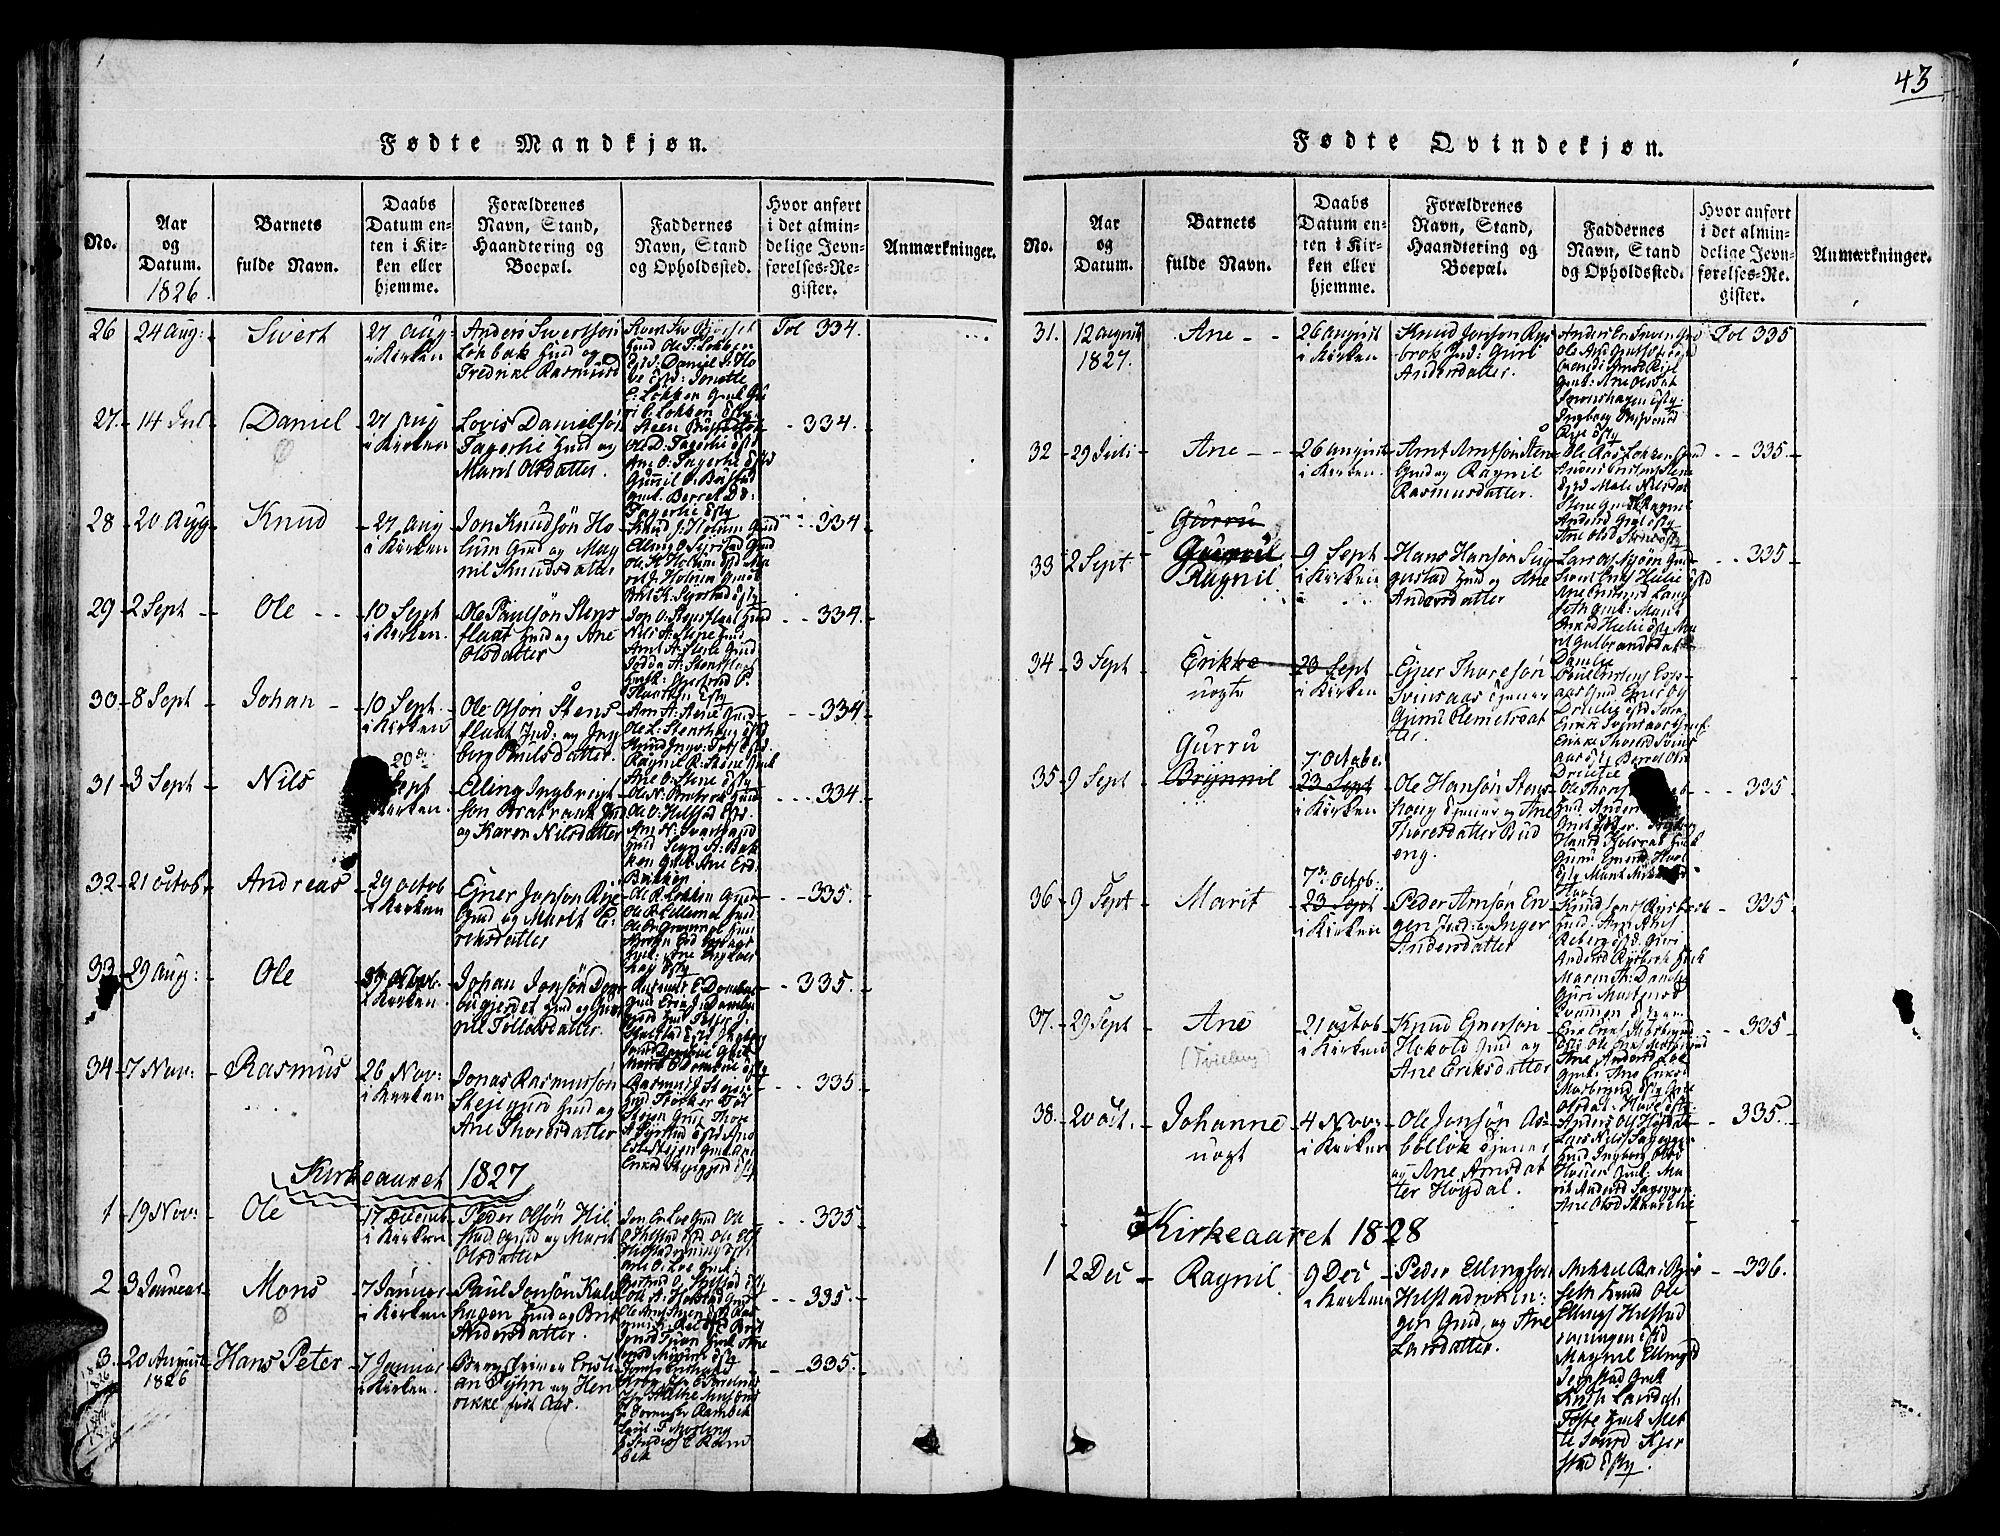 SAT, Ministerialprotokoller, klokkerbøker og fødselsregistre - Sør-Trøndelag, 672/L0853: Ministerialbok nr. 672A06 /1, 1816-1829, s. 43